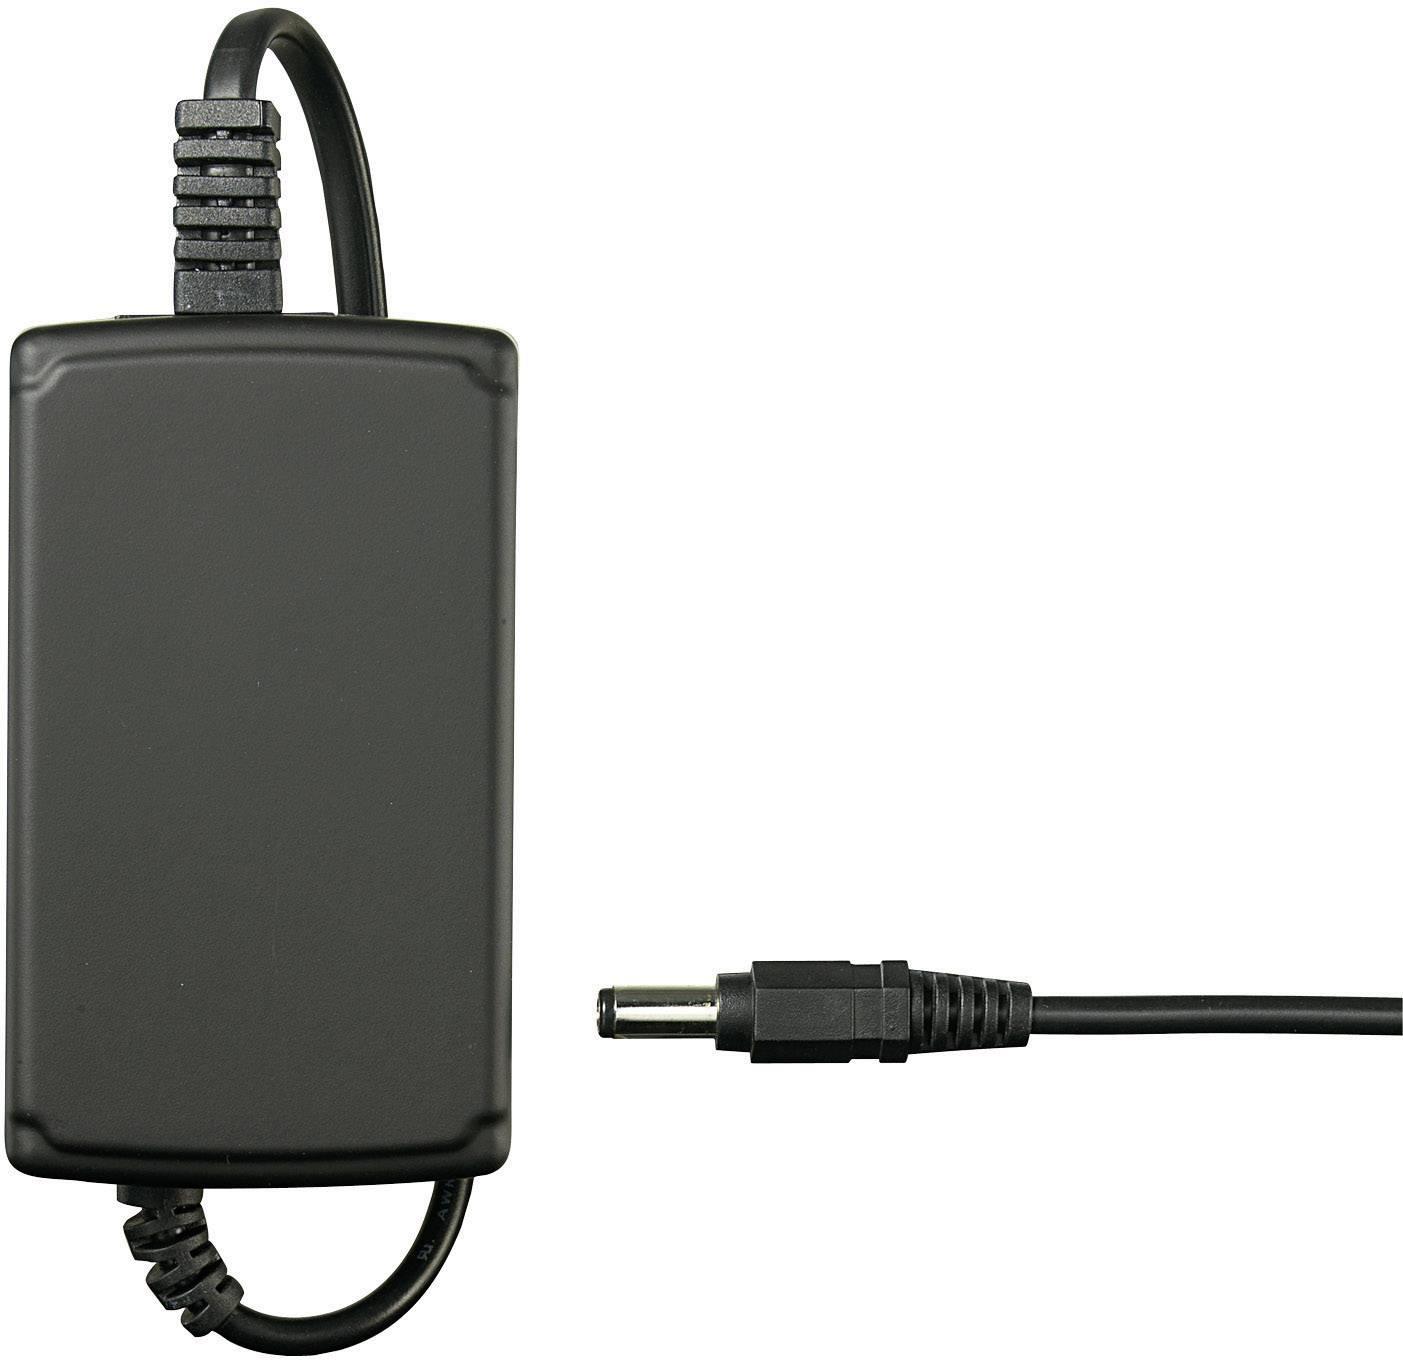 Síťový adaptér Voltcraft FTPS 12-42W, 12 VDC, 42 W